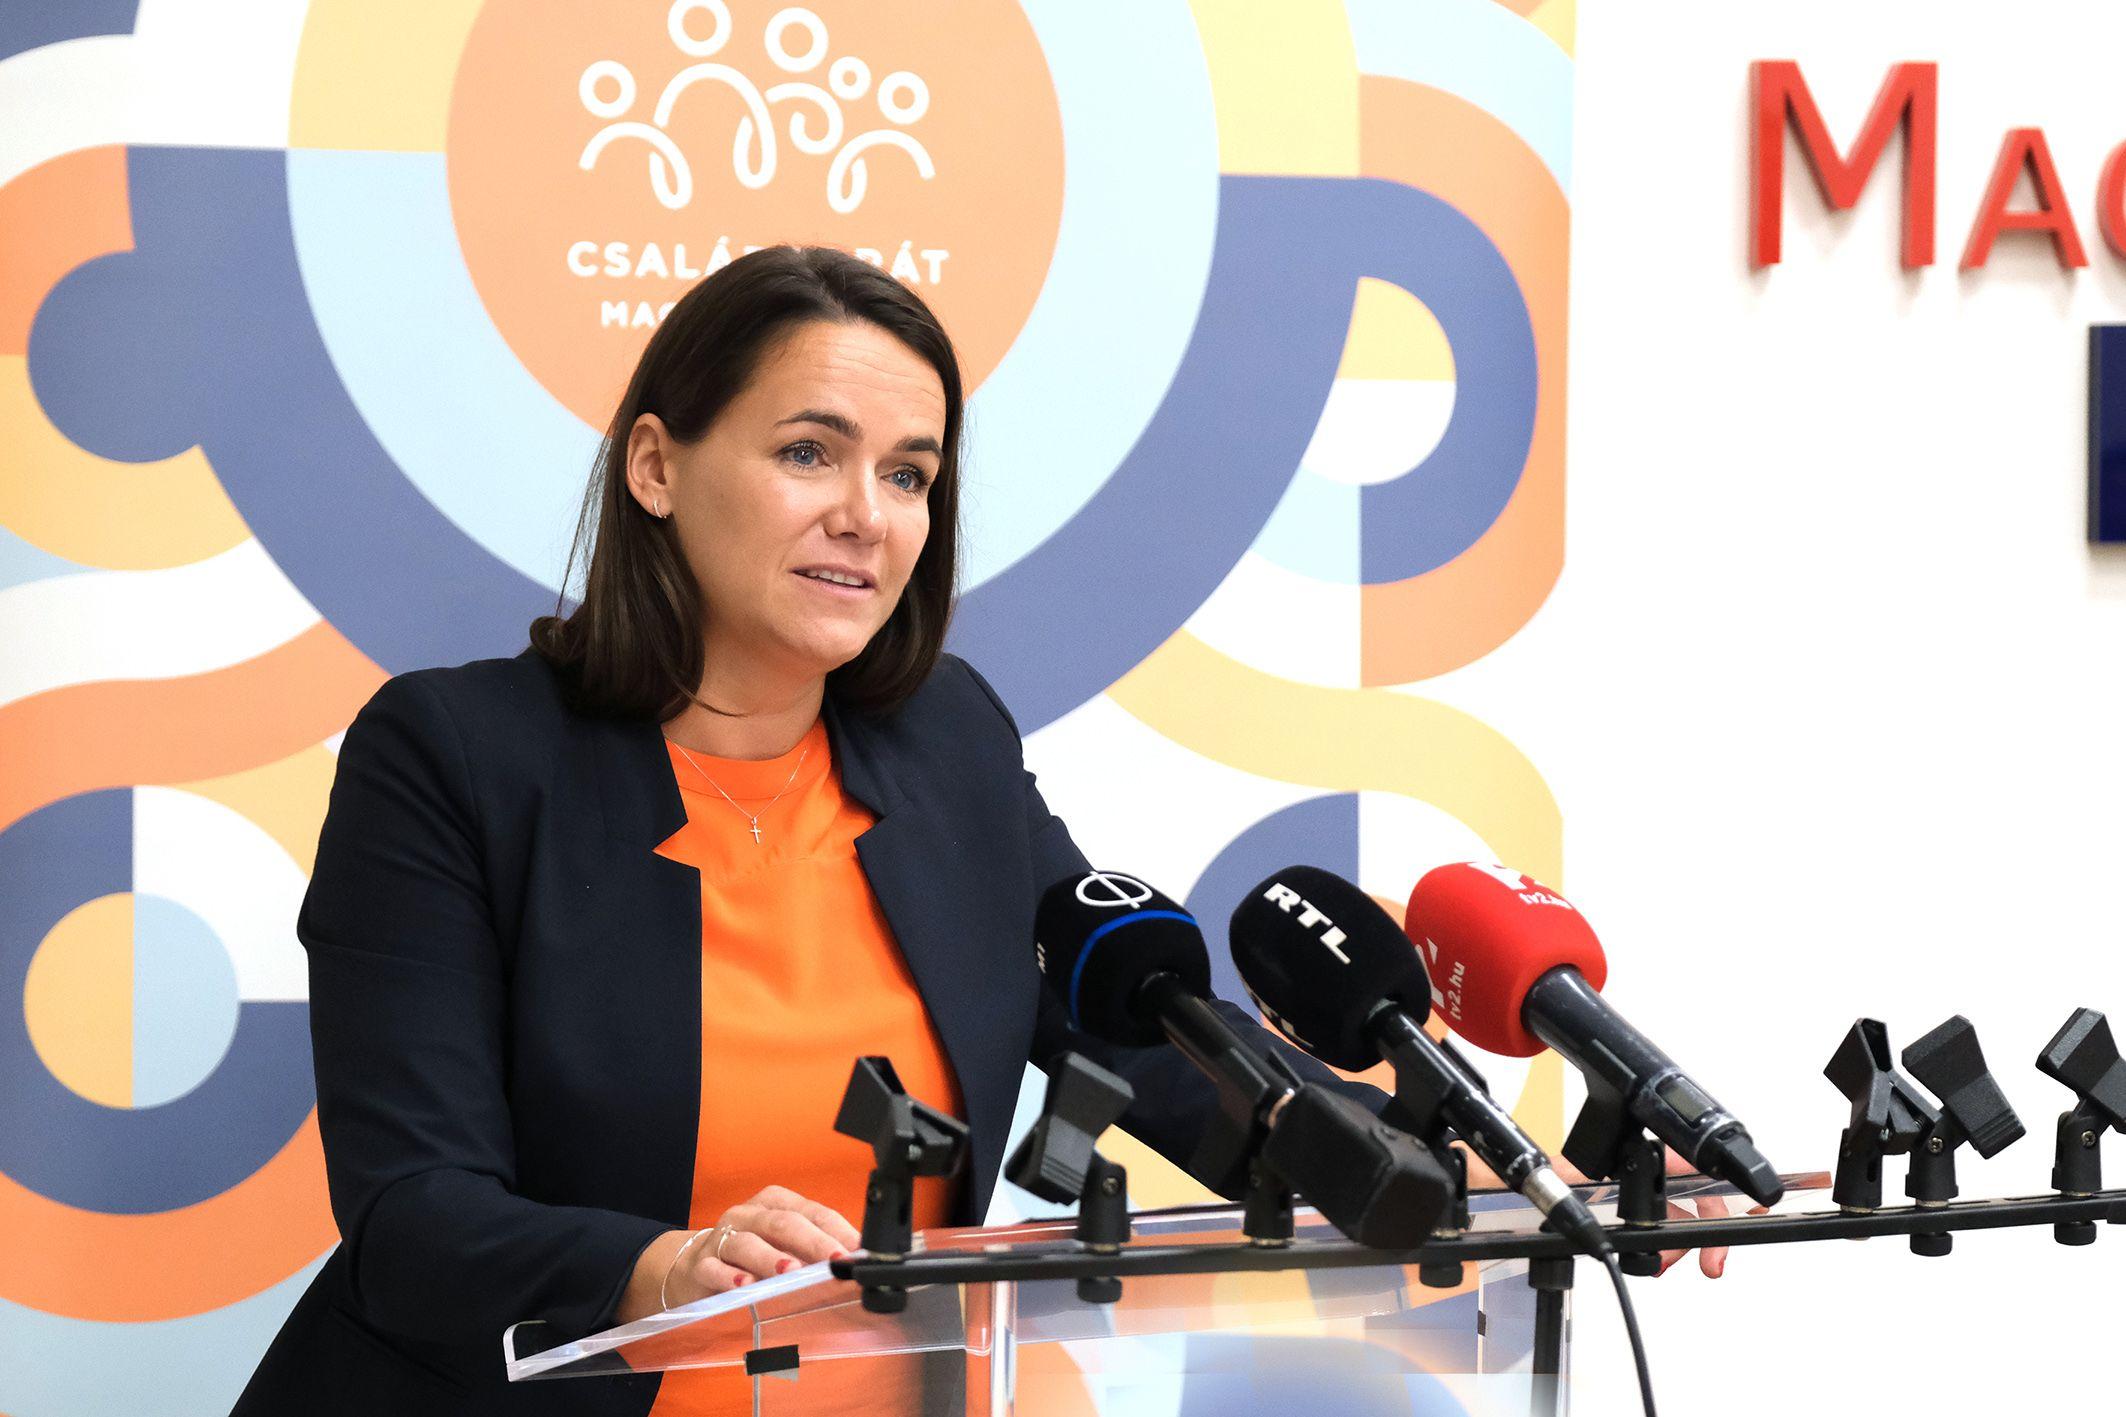 csalad.hu - Mérföldkőhöz érkeztek a családtámogatások – 100 ezer pár  igényelte már a Babavárót